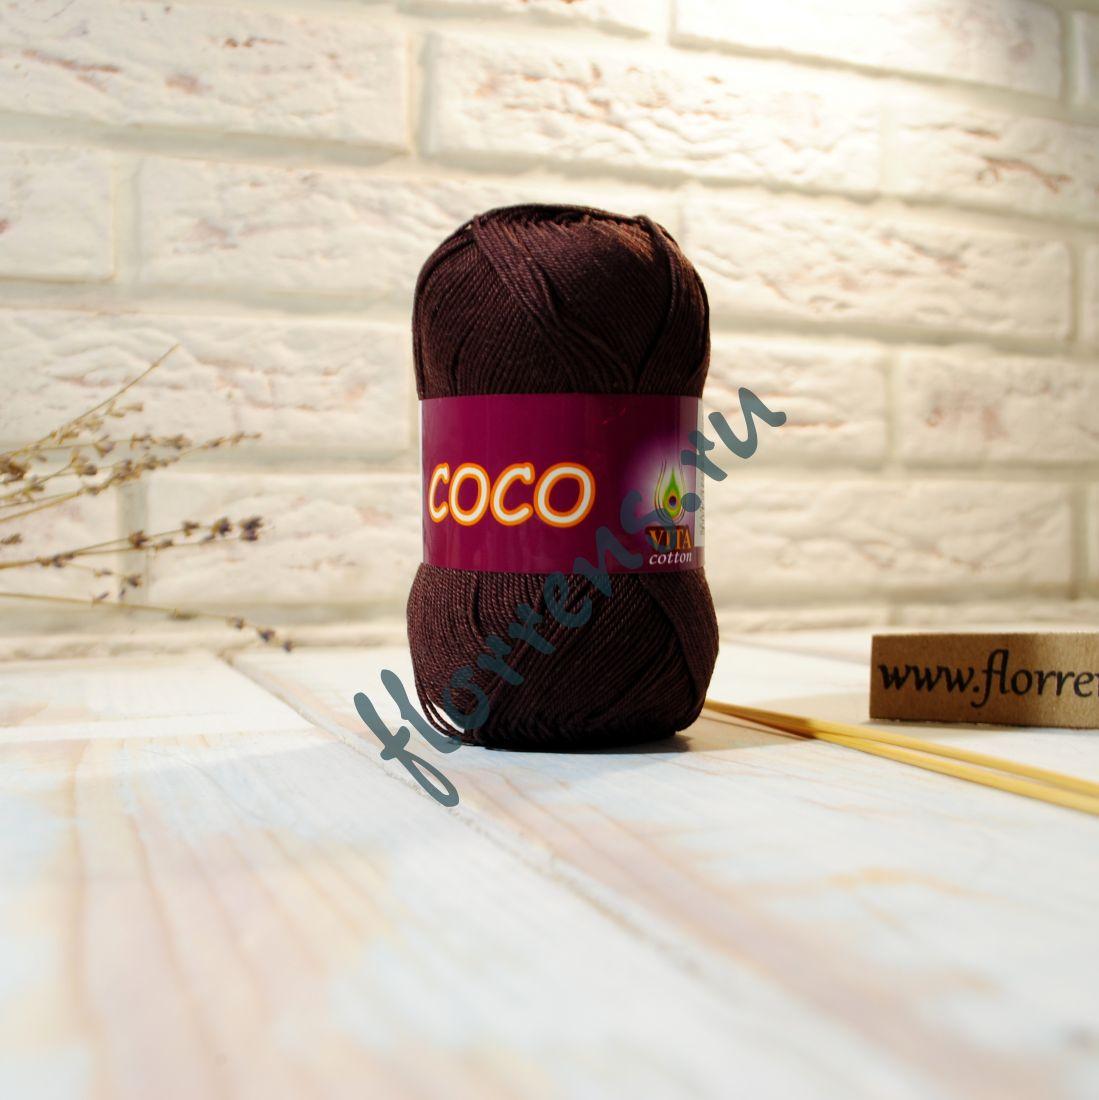 Пряжа Coco / 4322 темный шокоад